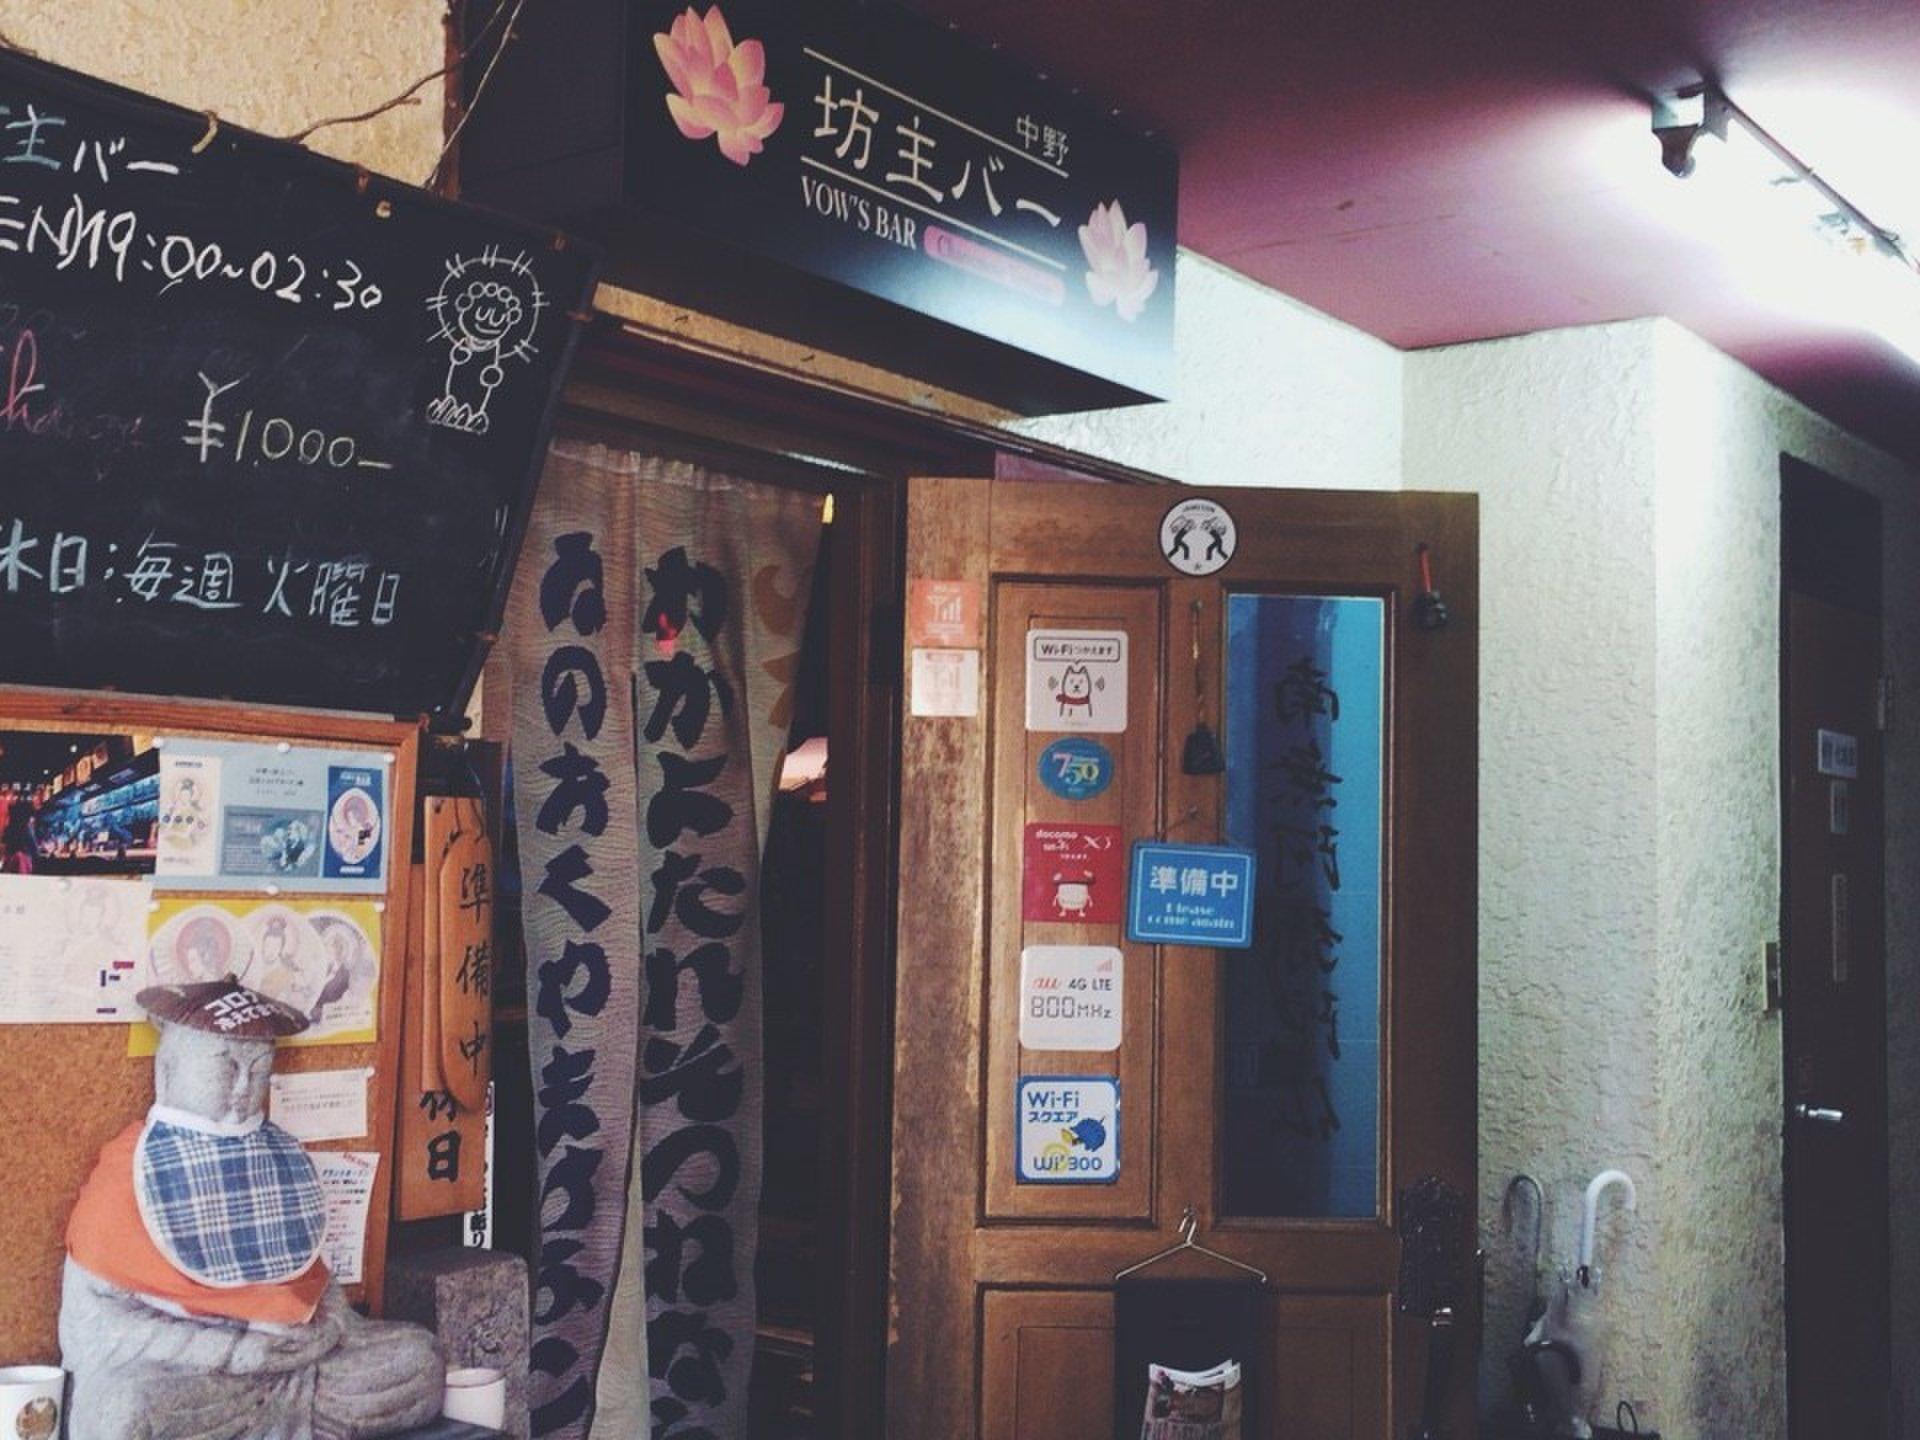 坊主バー 中野店